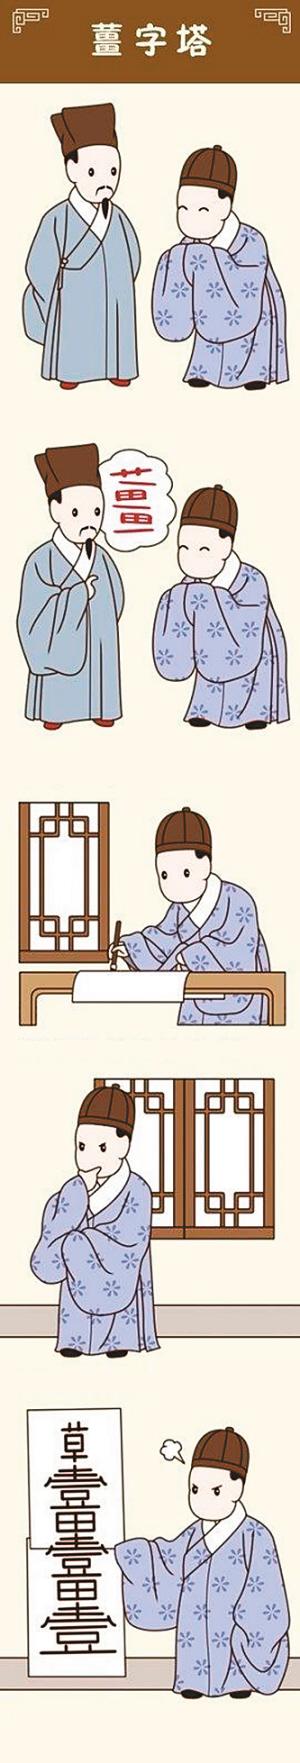 古代冷笑话漫画热传 网友称没点文化看不懂(图)